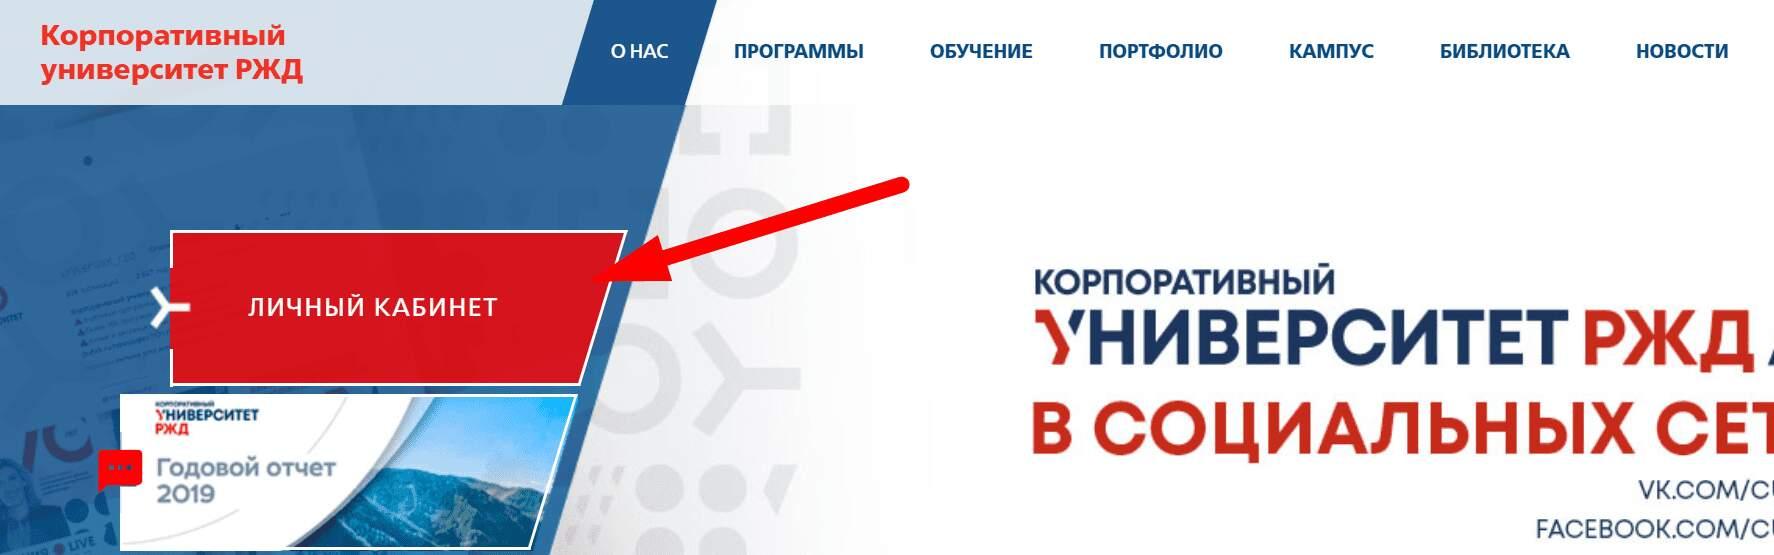 Ссылка на сайт образовательного учреждения «Корпоративный университет РЖД»